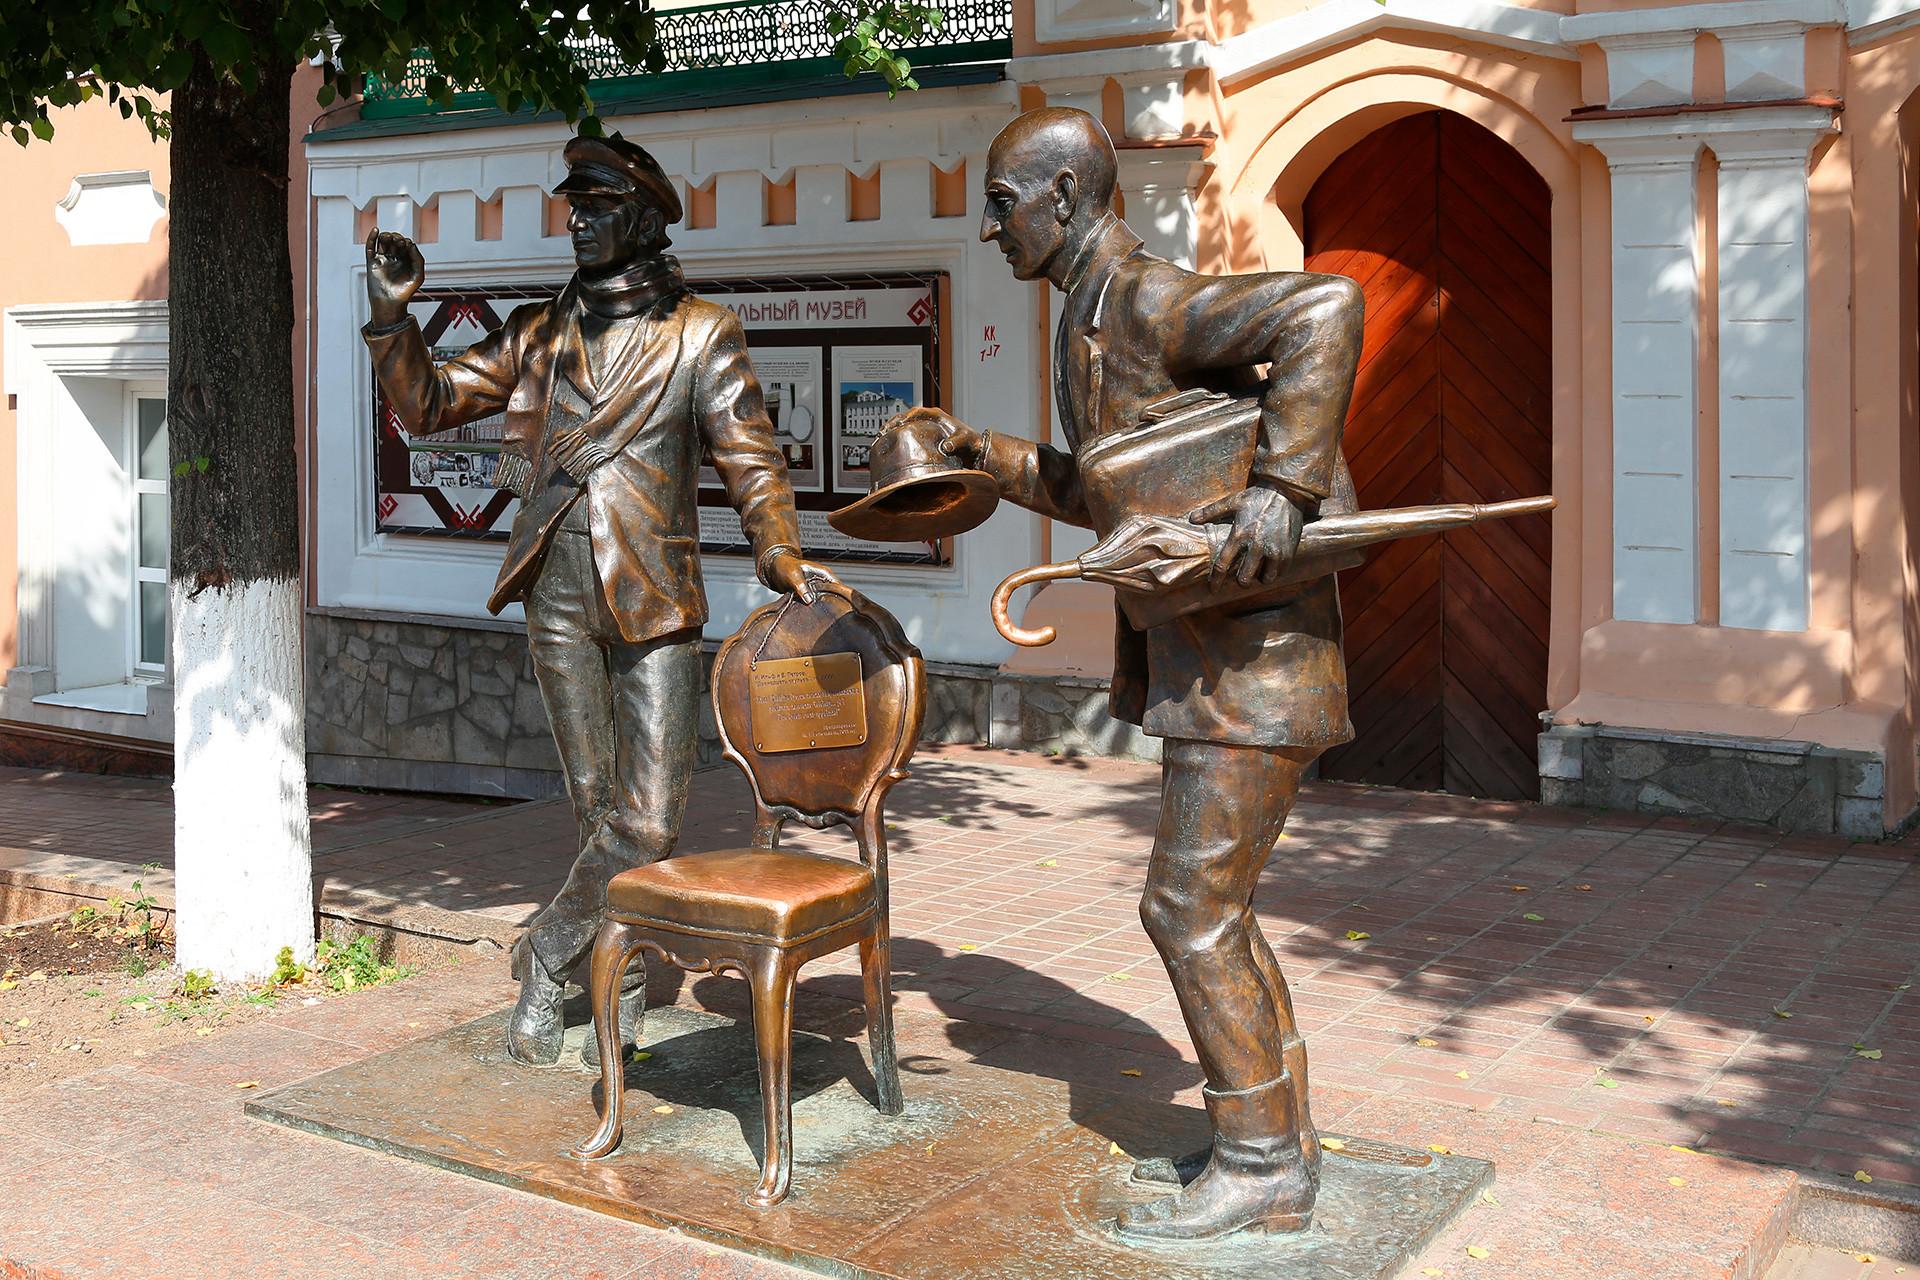 オスタプ・ベンデルとキサ・ヴォロビヤニノフの銅像